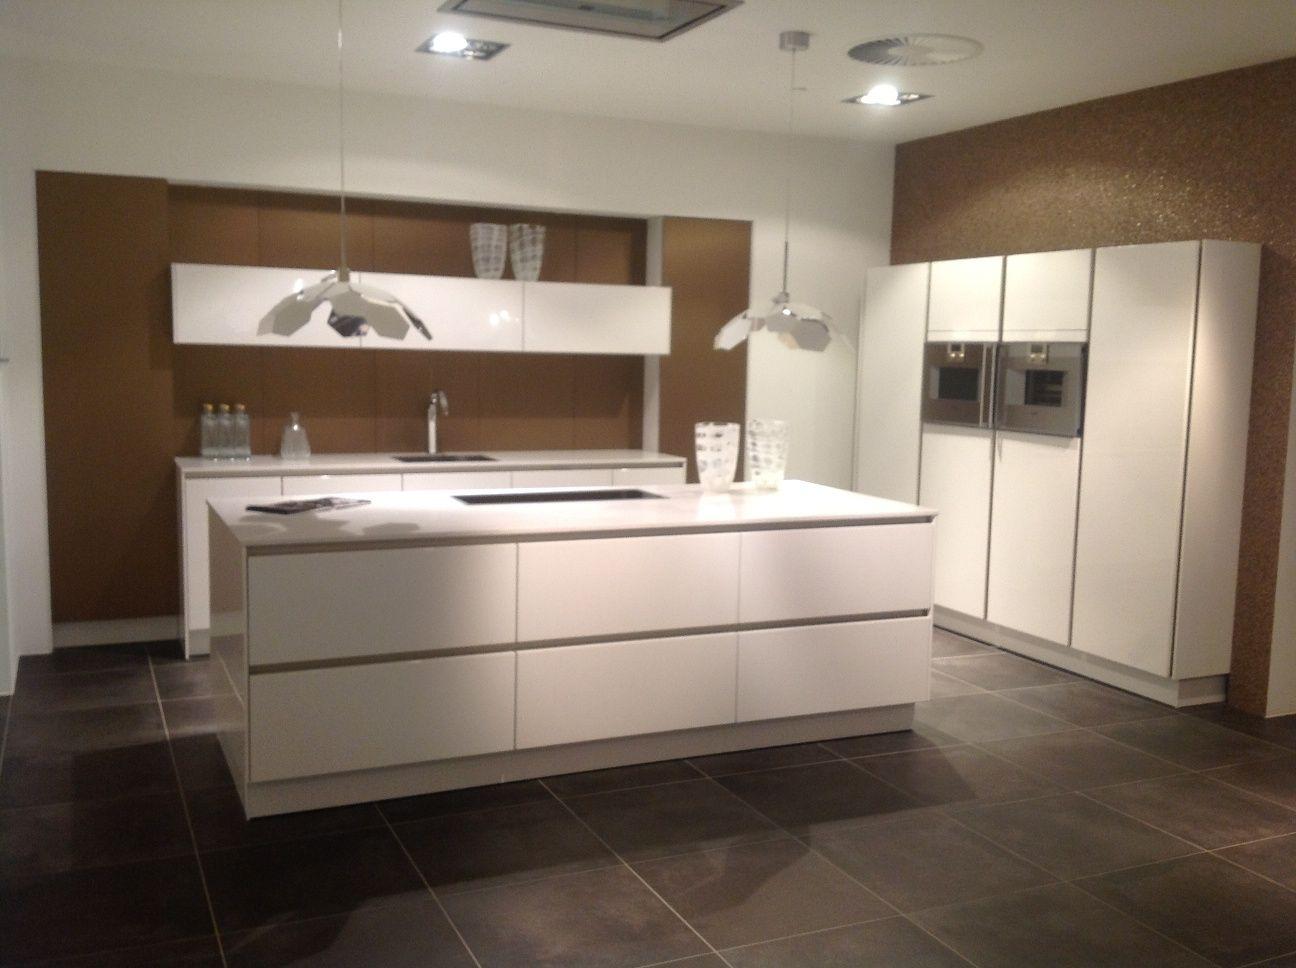 Design Keuken Greeploos : Siematic showroomkeukens siematic showroomkeuken aanbiedingen